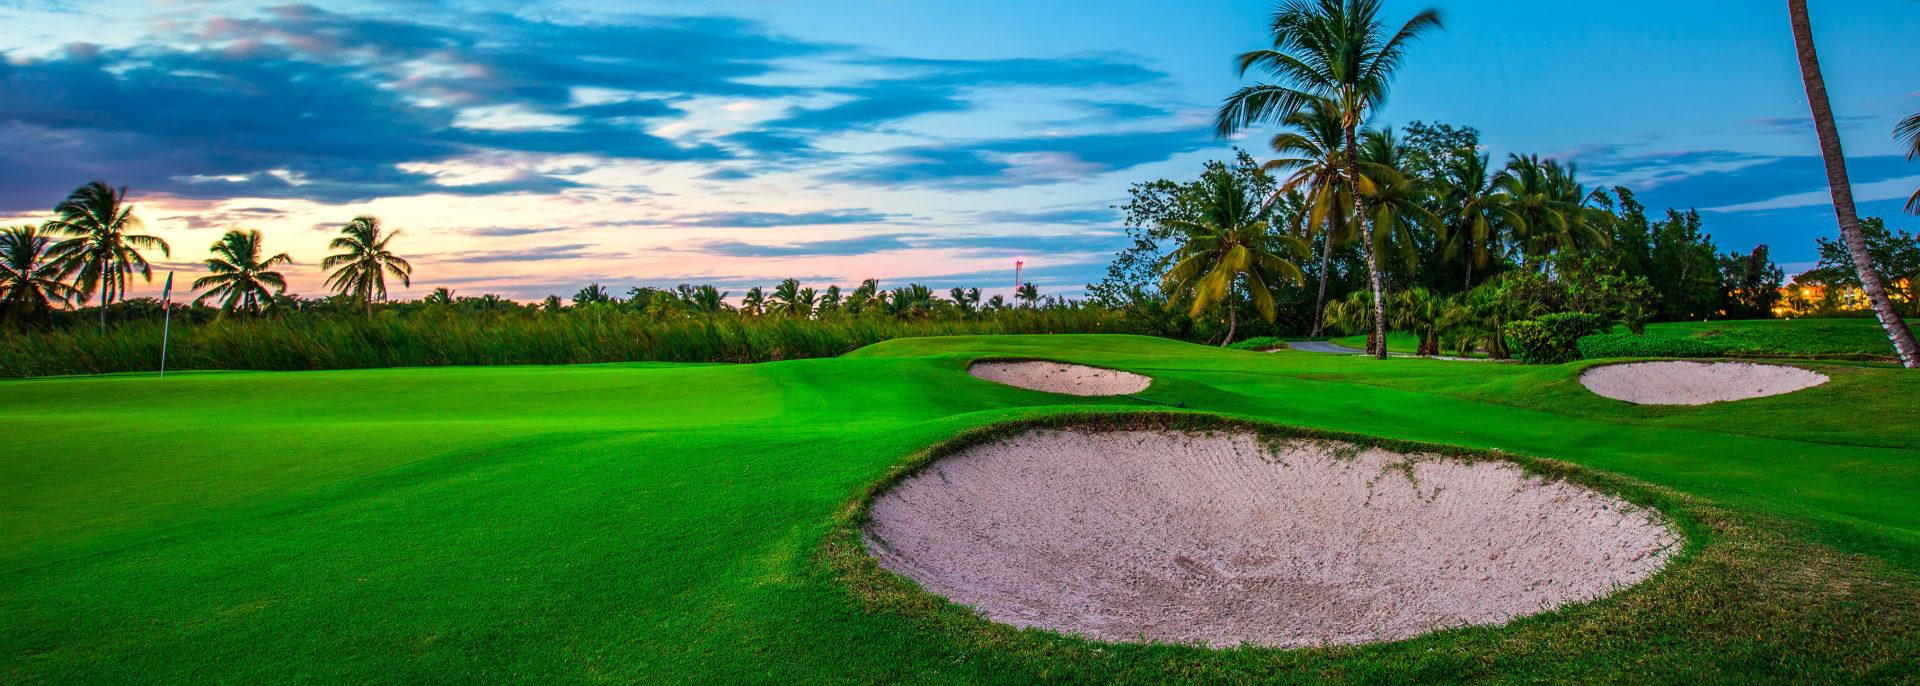 Dominikanische Republik, Golfreisen, Knecht Reisen